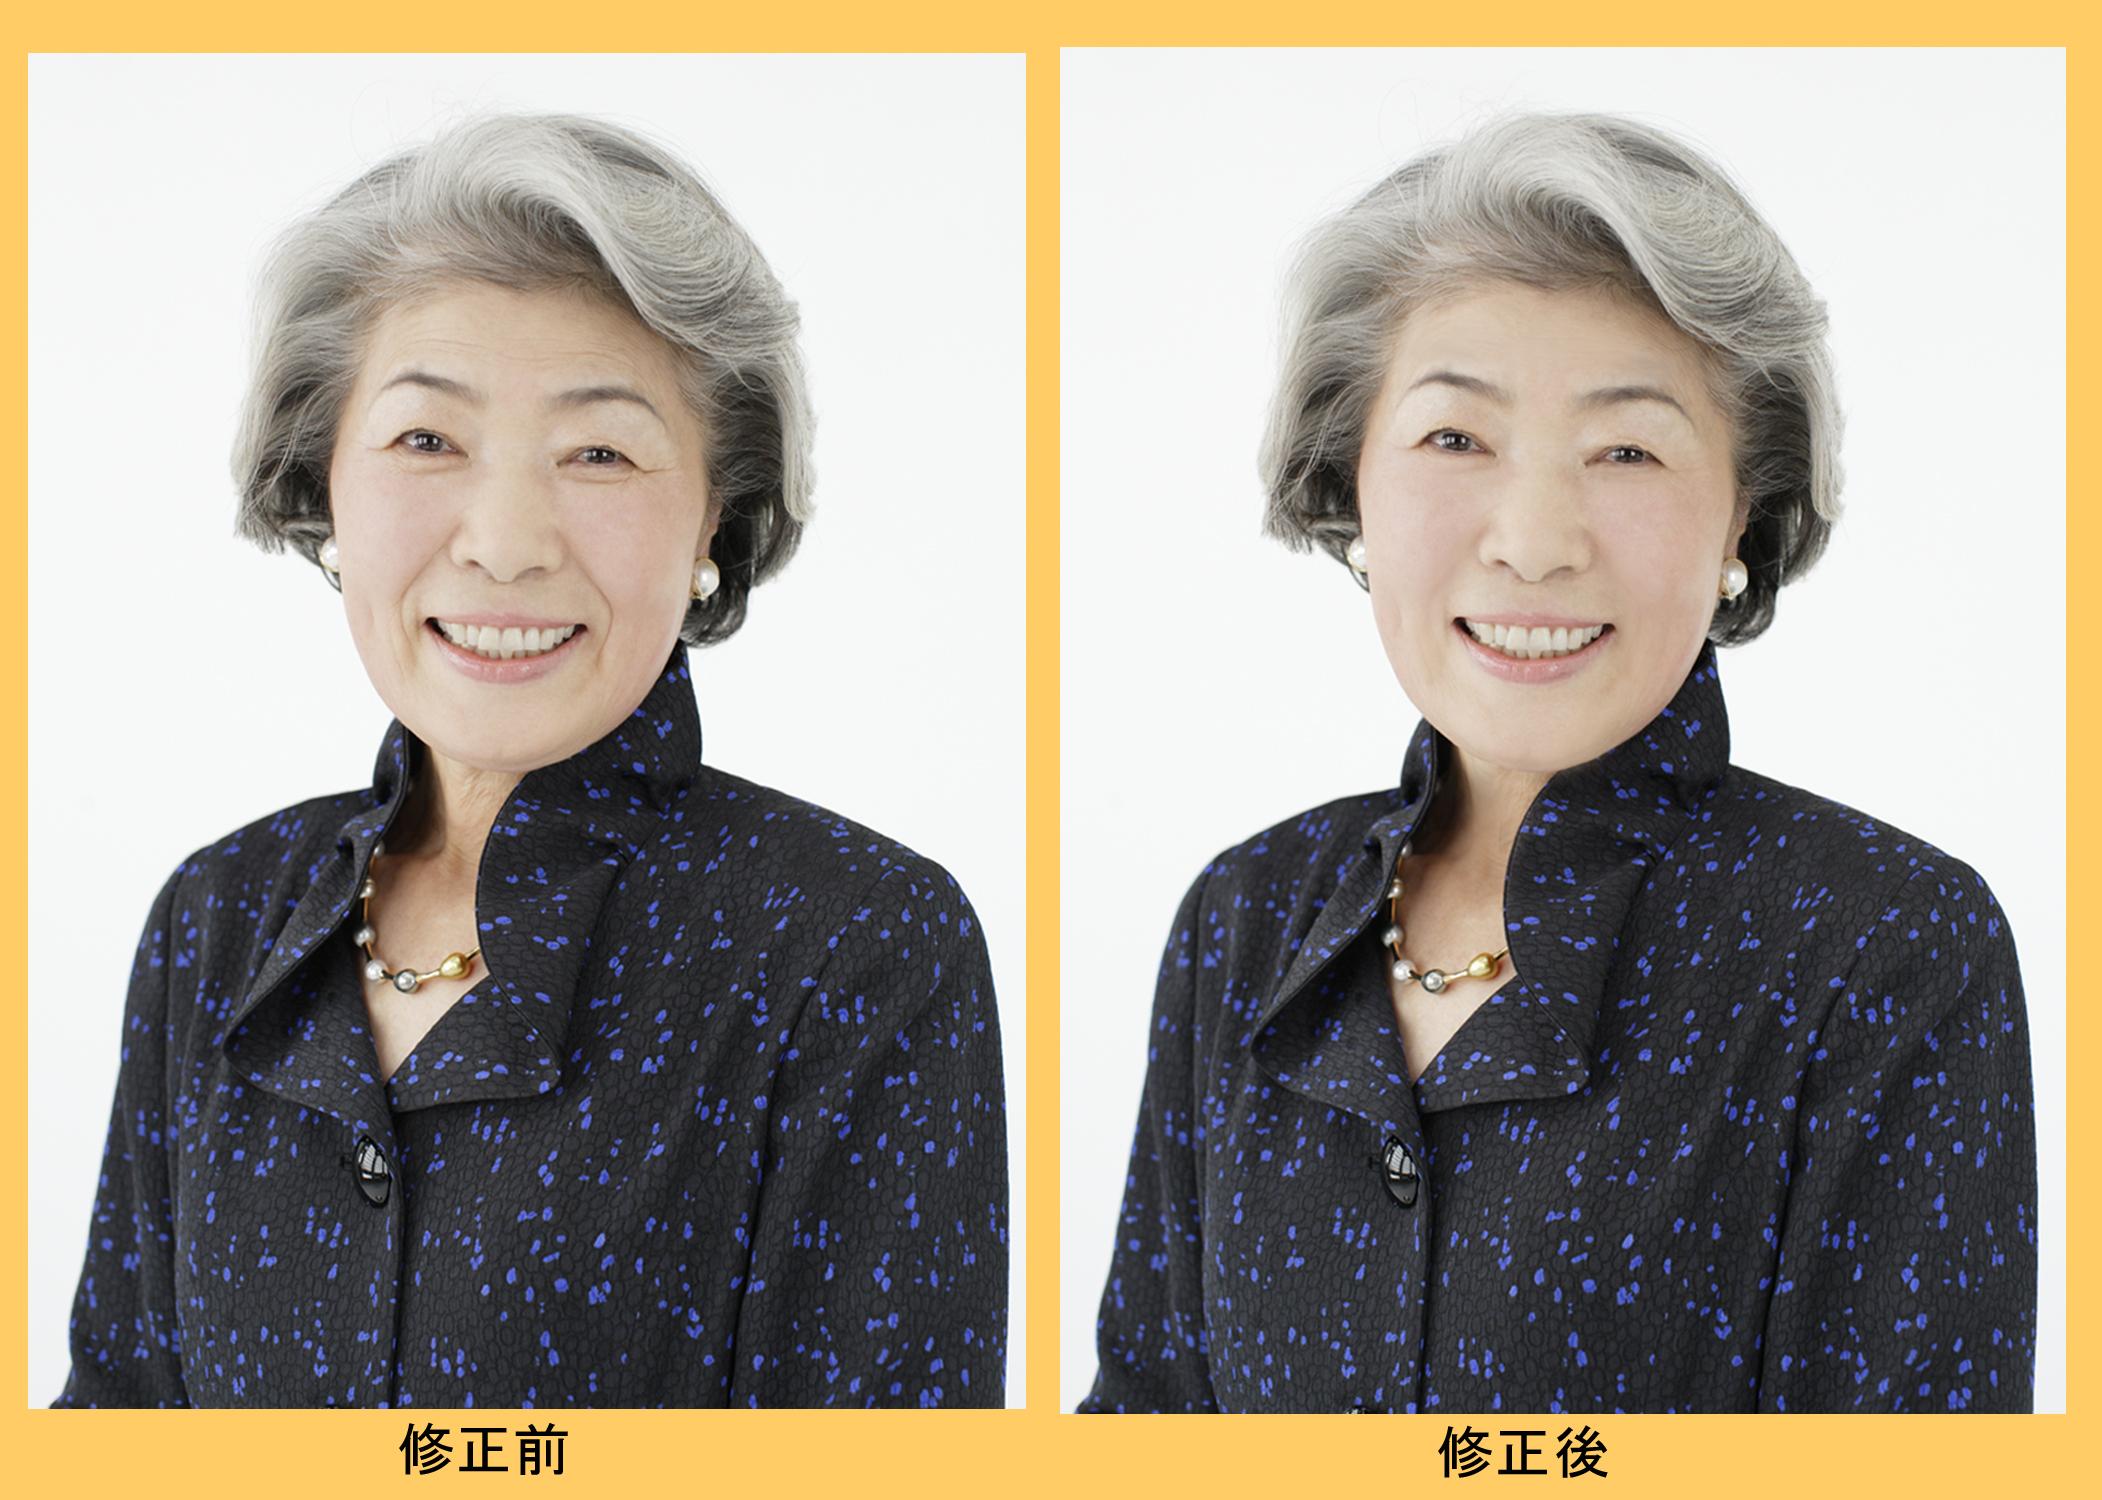 肖像シニア女性 修正比較